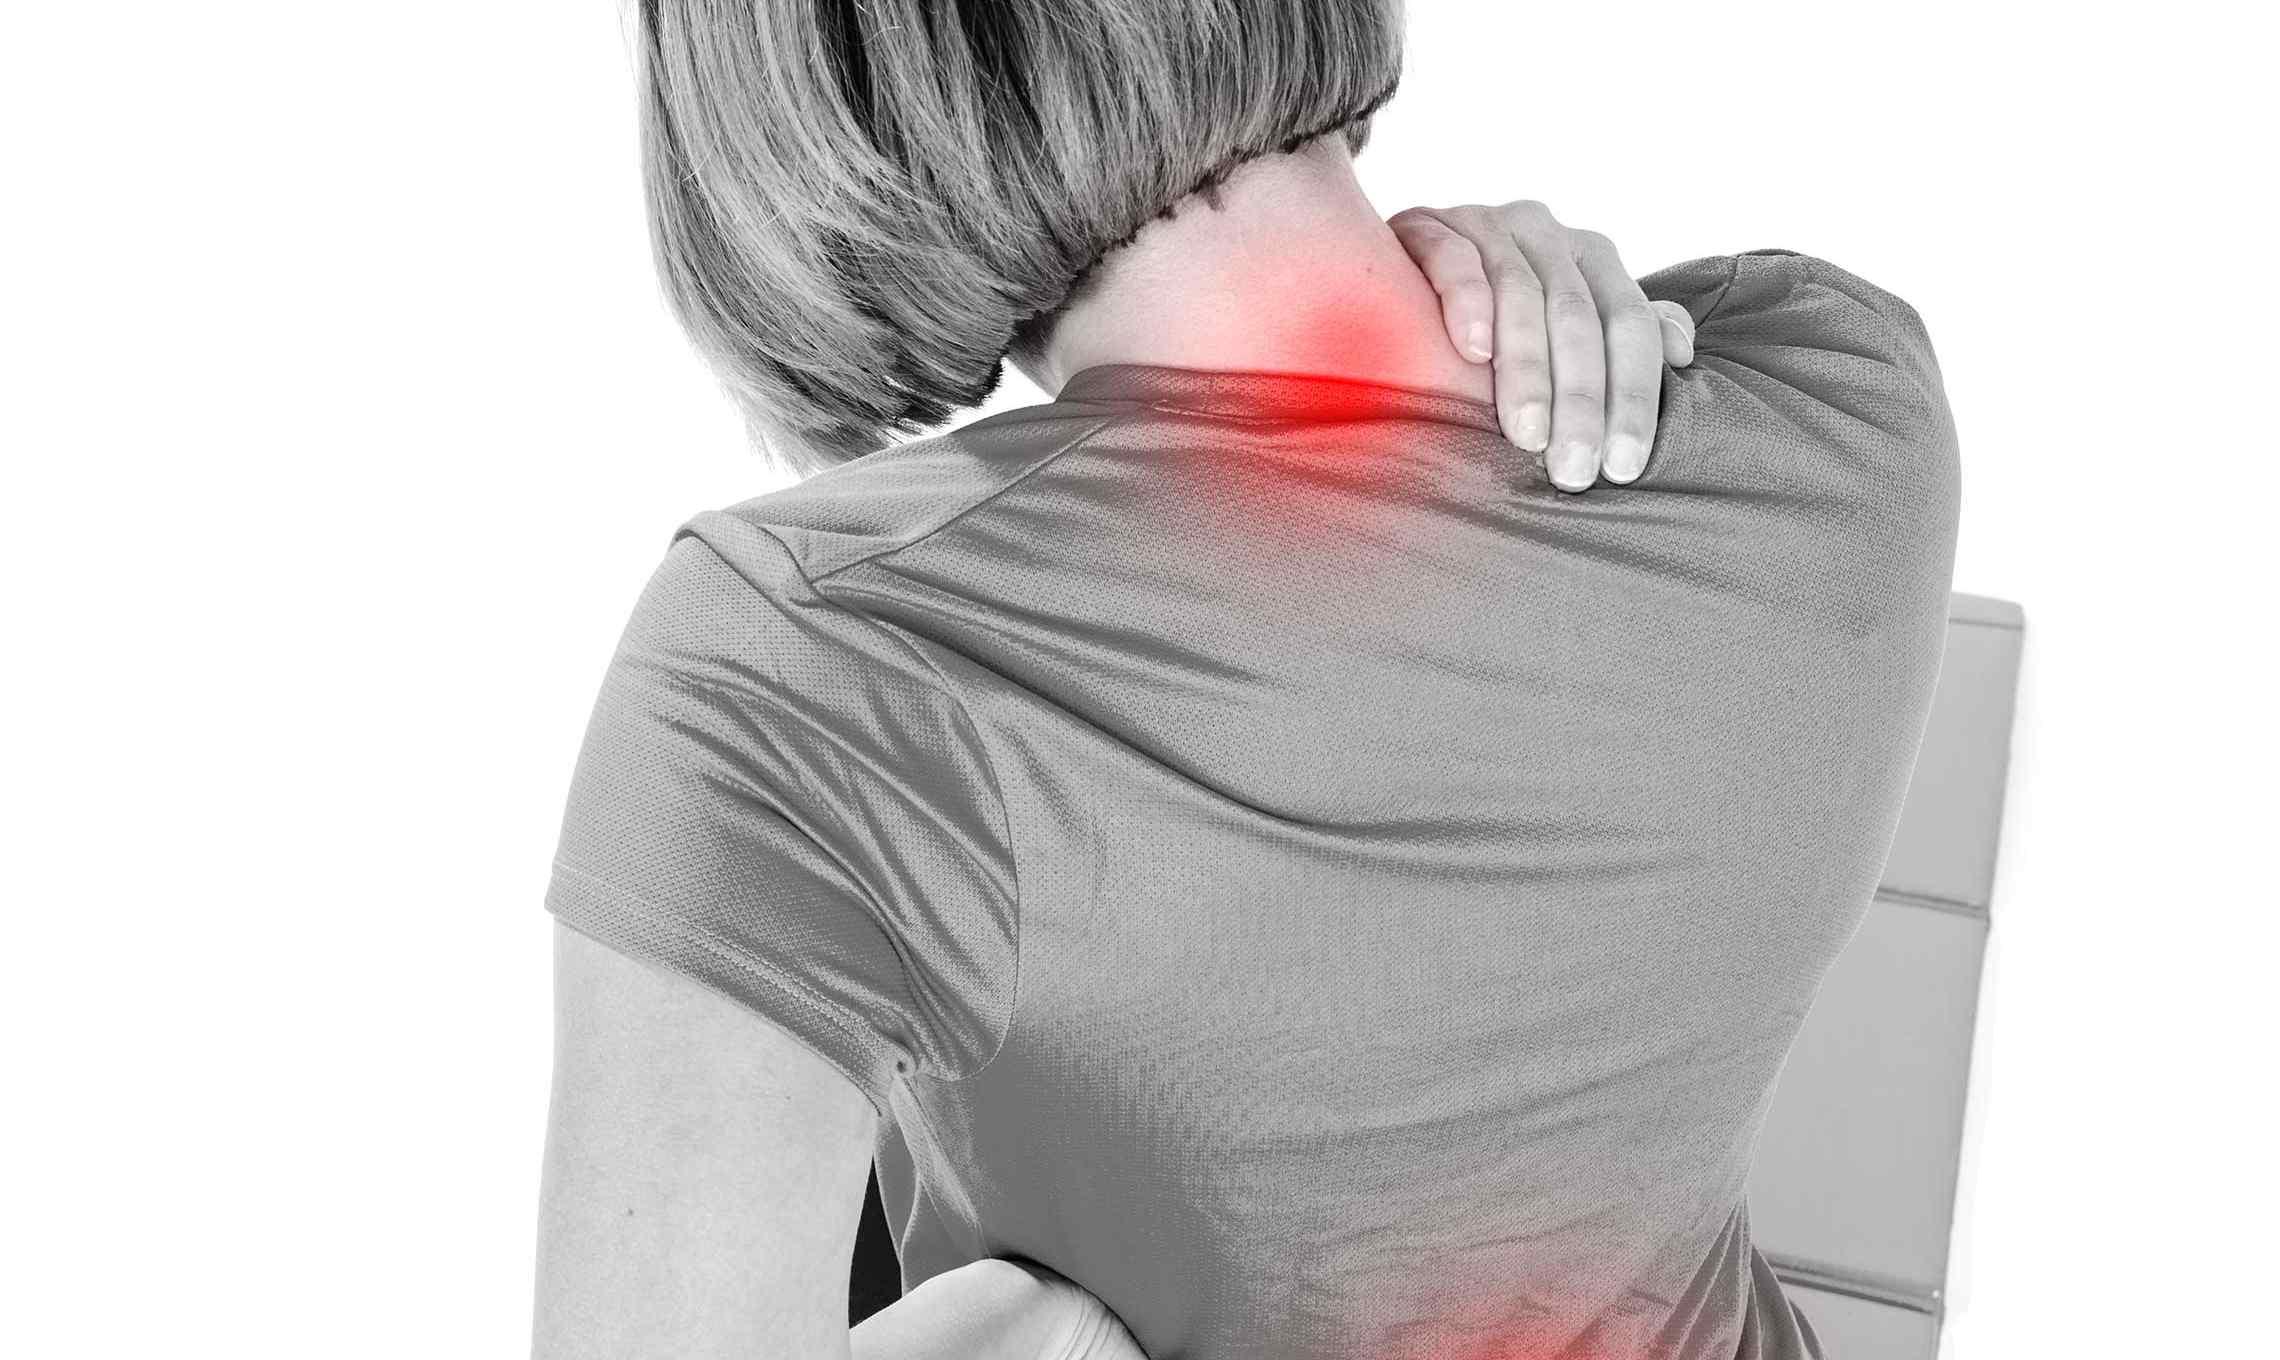 Eficacia de la acupuntura en el tratamiento de la fibromialgia